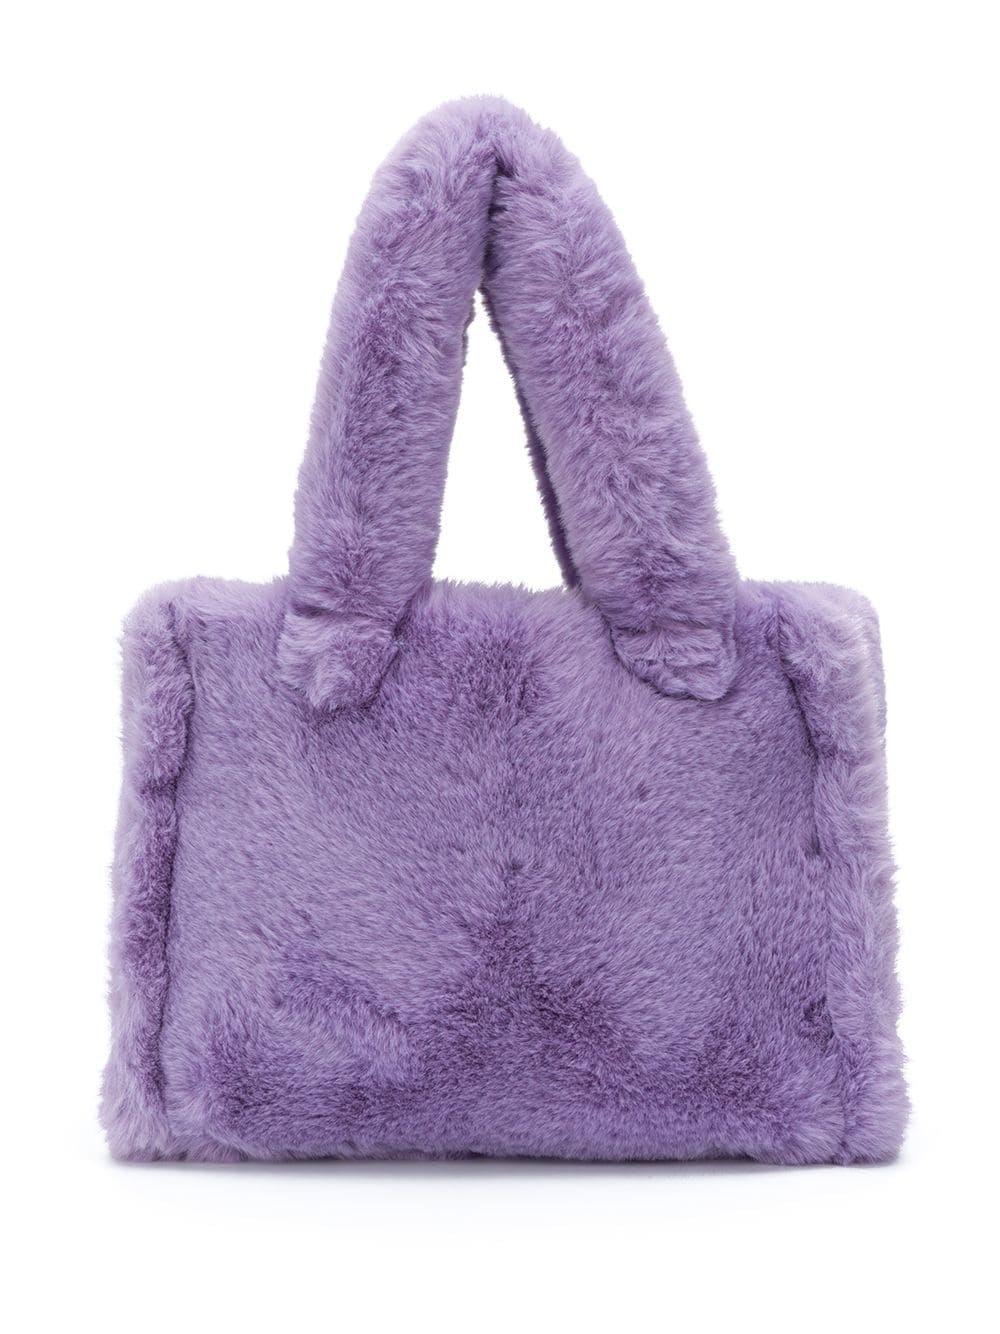 Faur-Fur Tote Bag